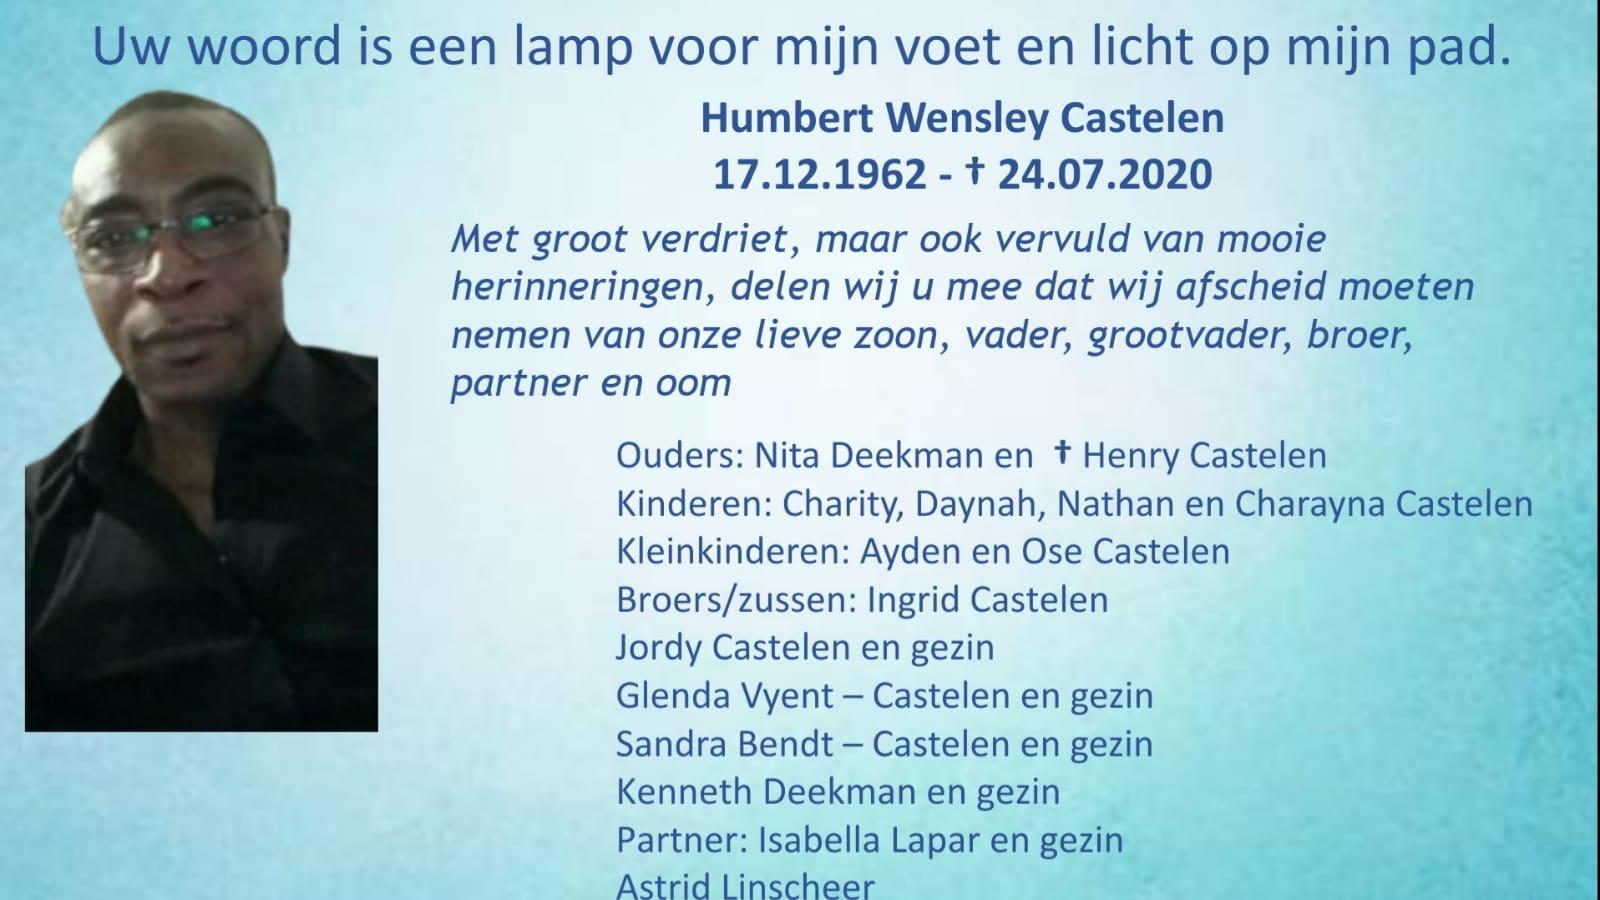 Humbert Wensley Castelen